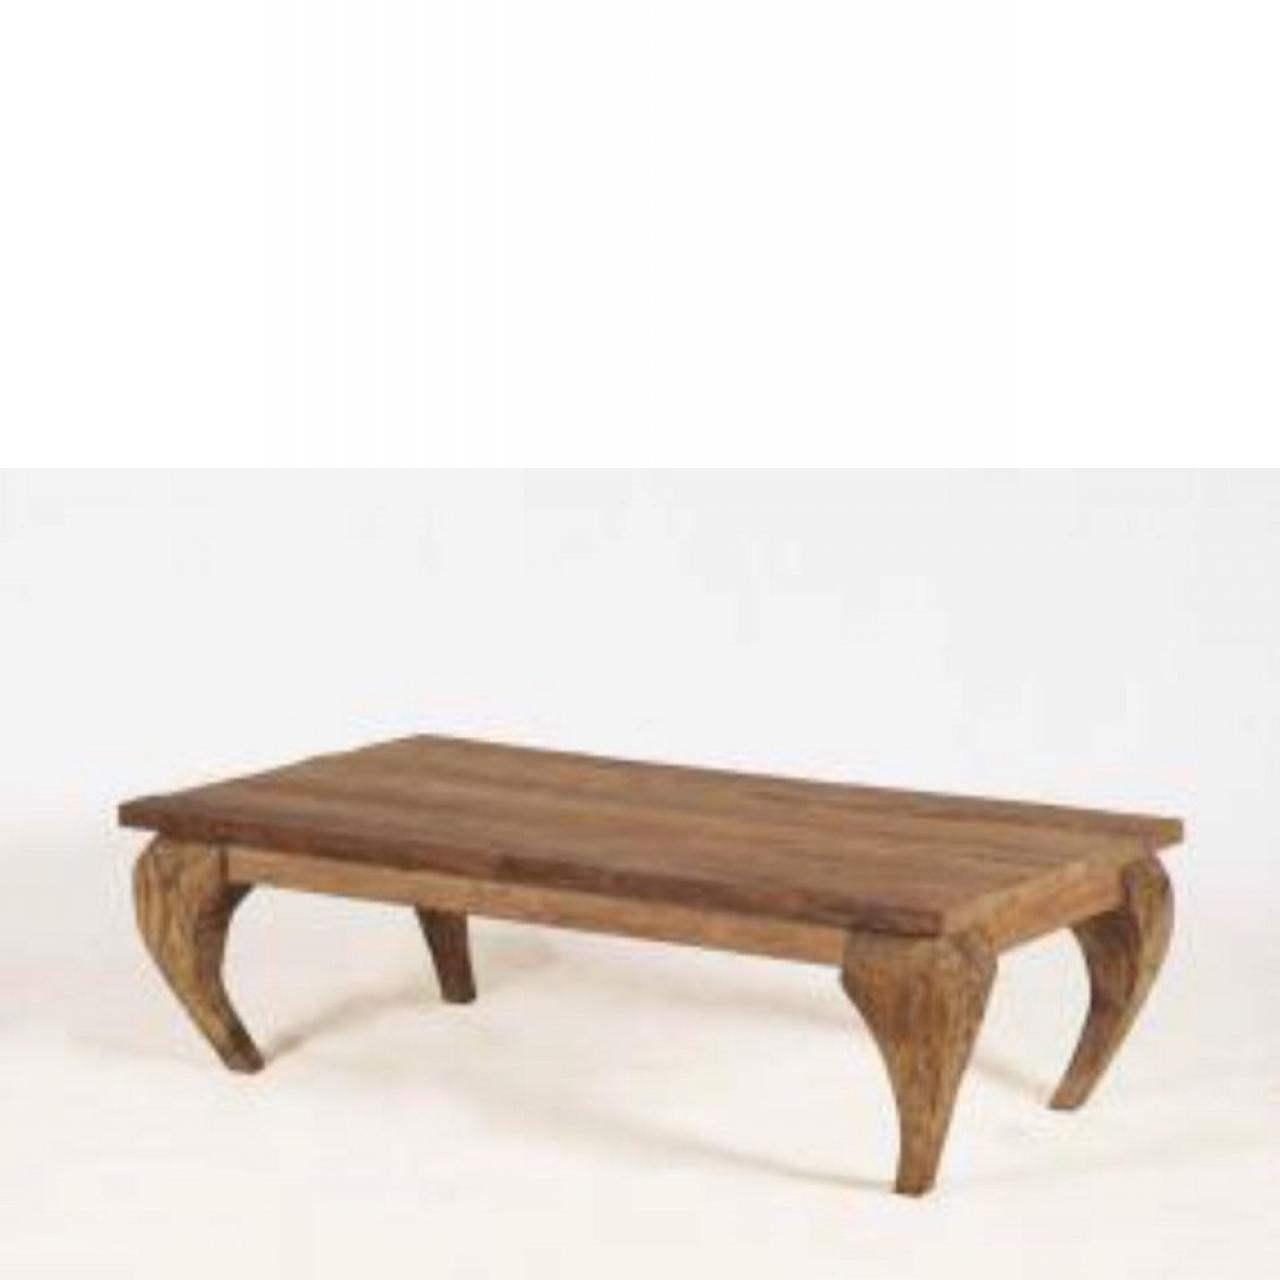 Couchtisch Bali, 130x70 cm, Teakholz, Driftwood, Wohnzimmertisch, Stubentisch